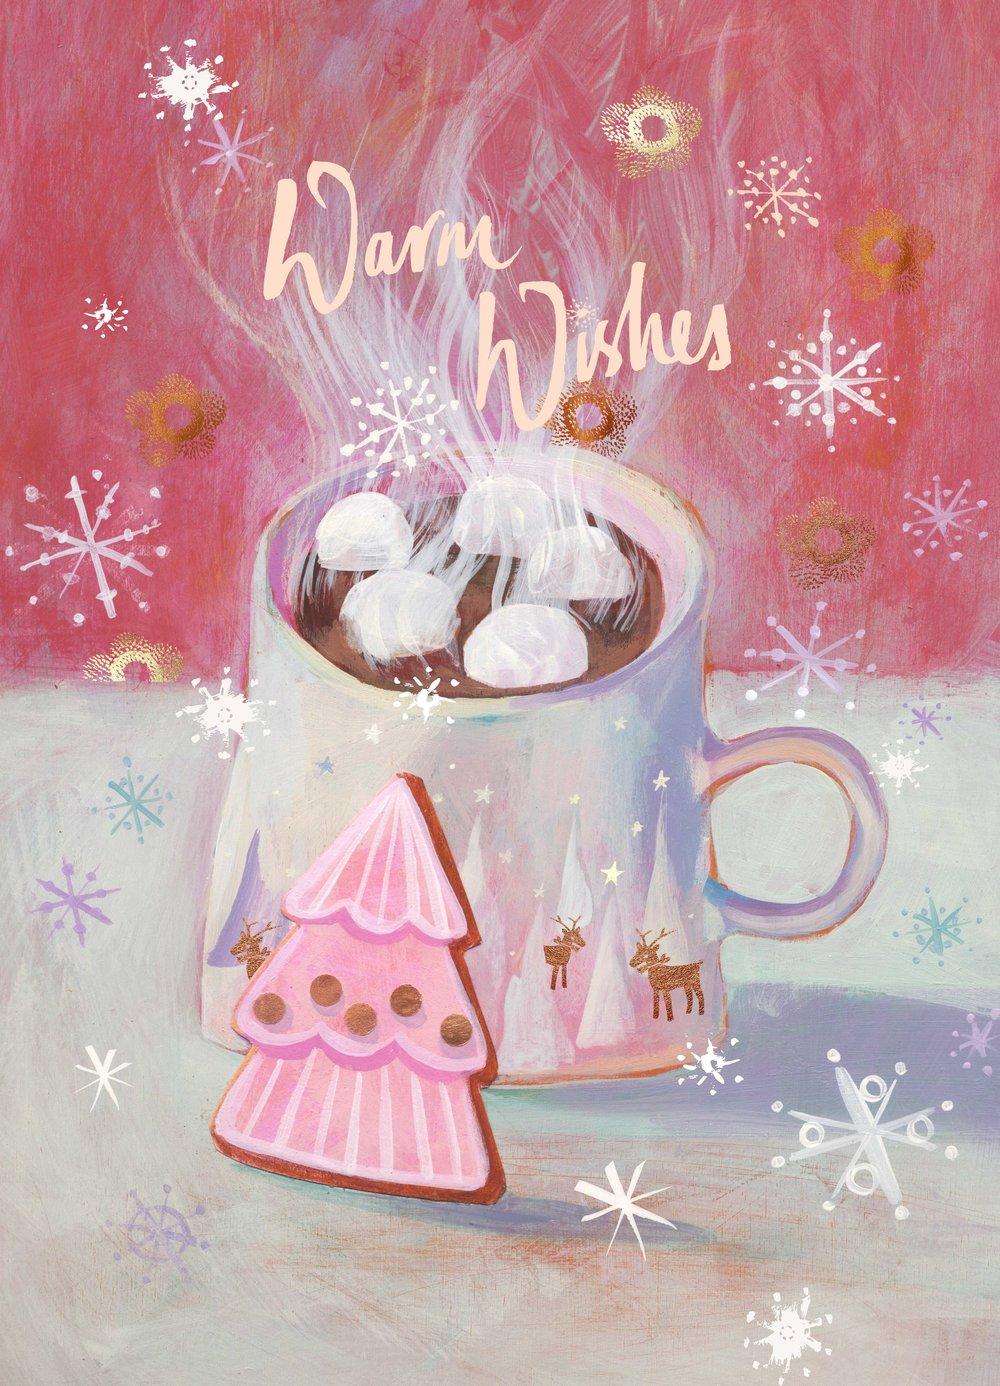 warm-winter-wishes.jpg